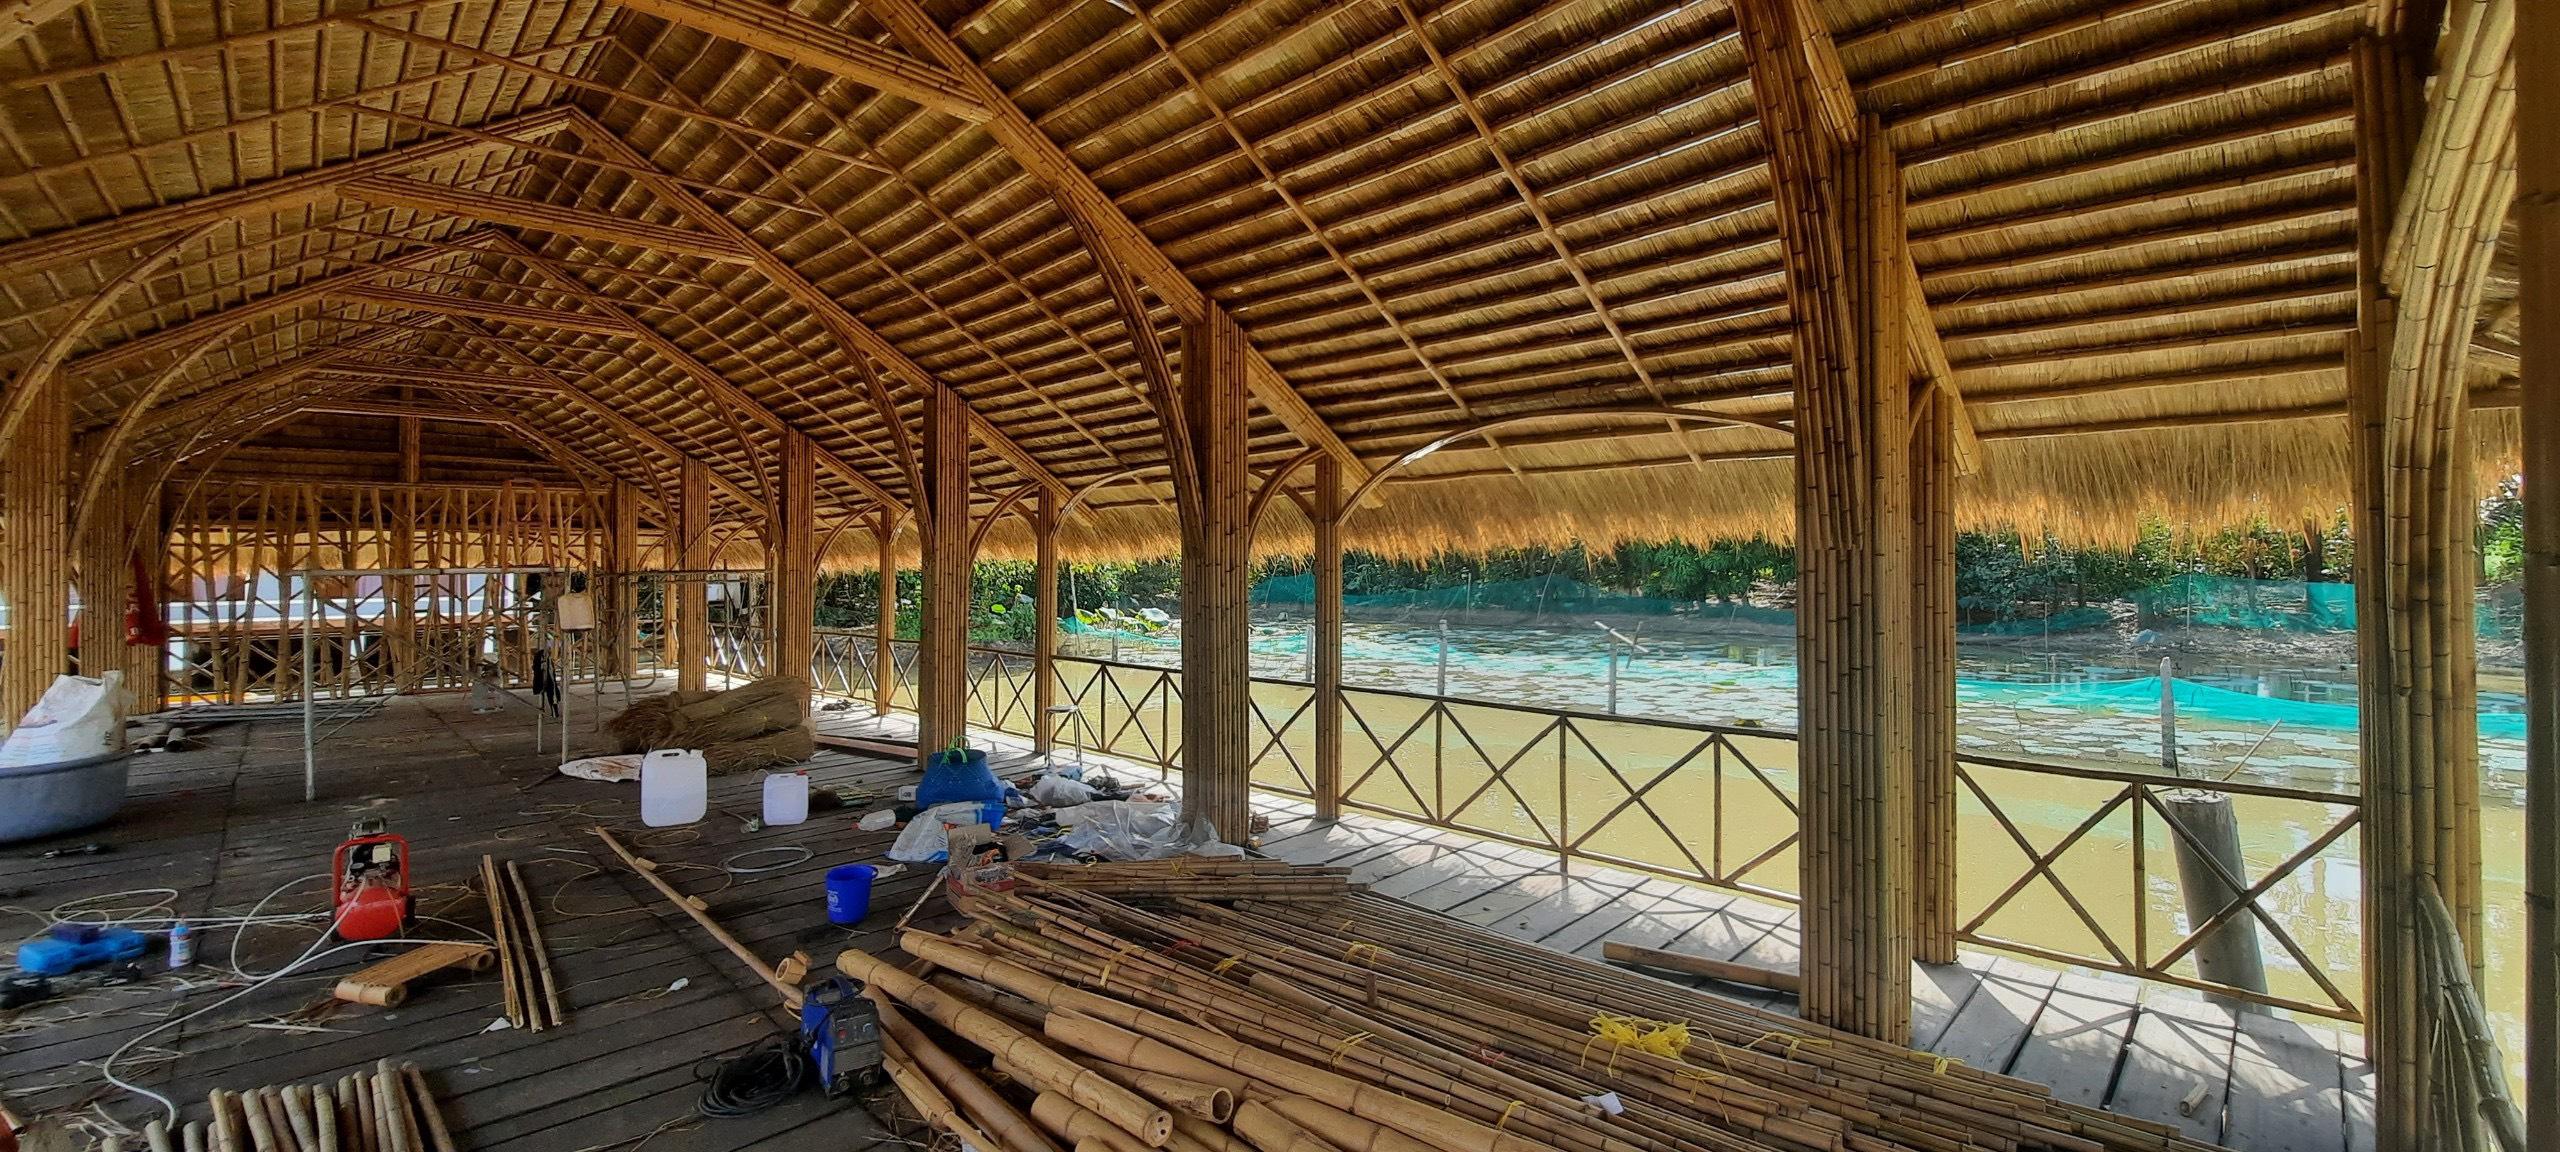 Thi công làm nhà tre cho khu du lịch tại Đồng Nai